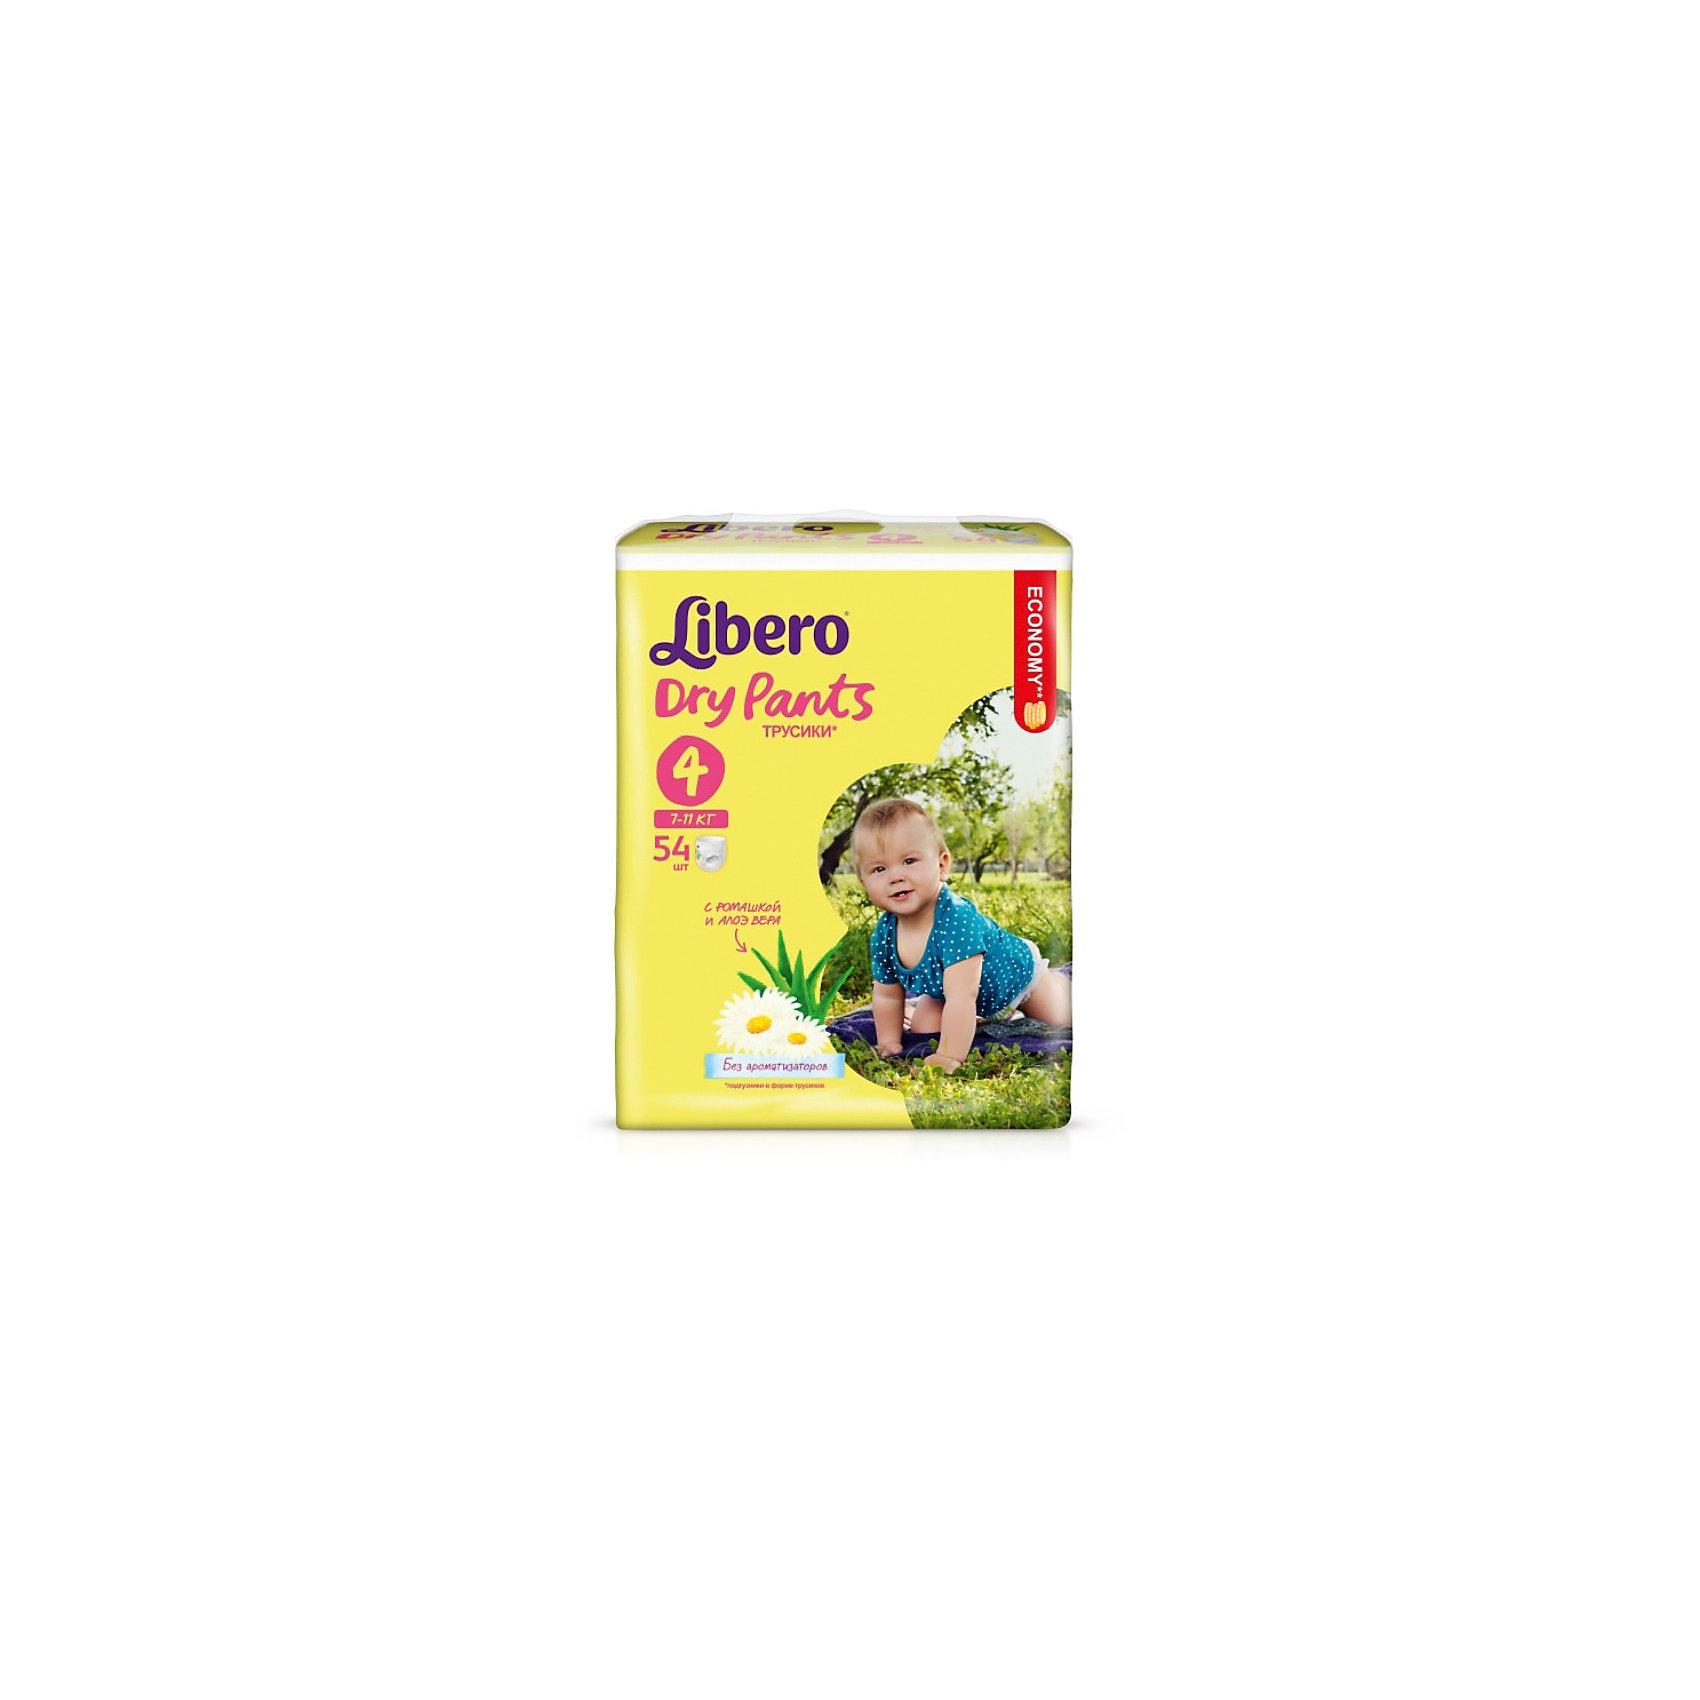 Трусики Libero Dry Pants, Maxi 7-11 кг, 54 шт., MegaТрусики-подгузники Libero Dry Pants (Либеро Драй Пентс) Size 4 (7-11кг), 54 шт.<br><br>Характеристики: <br><br>• легко надевать<br>• мягкие и тонкие трусики<br>• отлично впитывают и удерживают влагу<br>• содержат экстракт ромашки<br>• тянущийся поясок из дышащих материалов<br>• барьеры вокруг ножек защищают от протекания<br>• не сковывают движений<br>• легко снимать и сворачивать<br>• размер: 4 (7-11 кг)<br>• количество в упаковке: 54 шт.<br><br>Если ваш малыш не любит спокойно ждать пока вы его переоденете, то трусики-подгузники Libero Dry Pants станут для вас прекрасным решением. Они легко надеваются, как обычное белье и также легко снимаются при разрывании боковых швов. Трусики очень мягкие и тонкие, при этом они отлично впитывают и удерживают влагу, не стесняя движений крохи. Экстракт ромашки и алоэ успокоит нежную кожу малыша. Высокие барьеры и эластичный поясок препятствуют протеканию.  После использования вы легко сможете свернуть трусики и заклеить из специальной клейкой лентой. Яркая упаковка и привлекательный дизайн превратят процесс переодевания в веселую игру!<br><br>Трусики-подгузники Libero Dry Pants Size 4 (7-11кг), 54 шт. вы можете купить в нашем интернет-магазине.<br><br>Ширина мм: 147<br>Глубина мм: 290<br>Высота мм: 355<br>Вес г: 1792<br>Возраст от месяцев: 6<br>Возраст до месяцев: 24<br>Пол: Унисекс<br>Возраст: Детский<br>SKU: 3517636